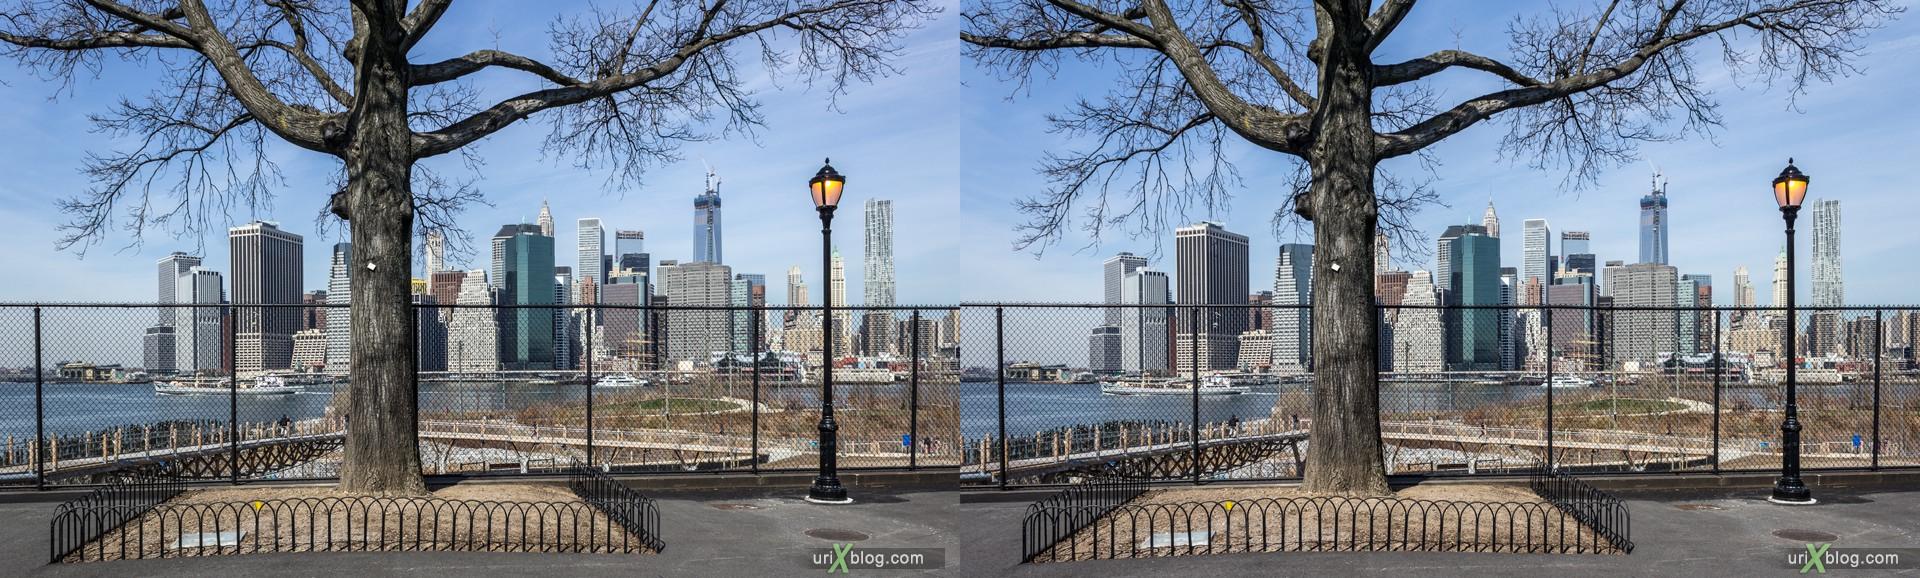 2013, Squibb парк, Бруклин, Нью-Йорк, США, 3D, перекрёстные стереопары, стерео, стереопара, стереопары